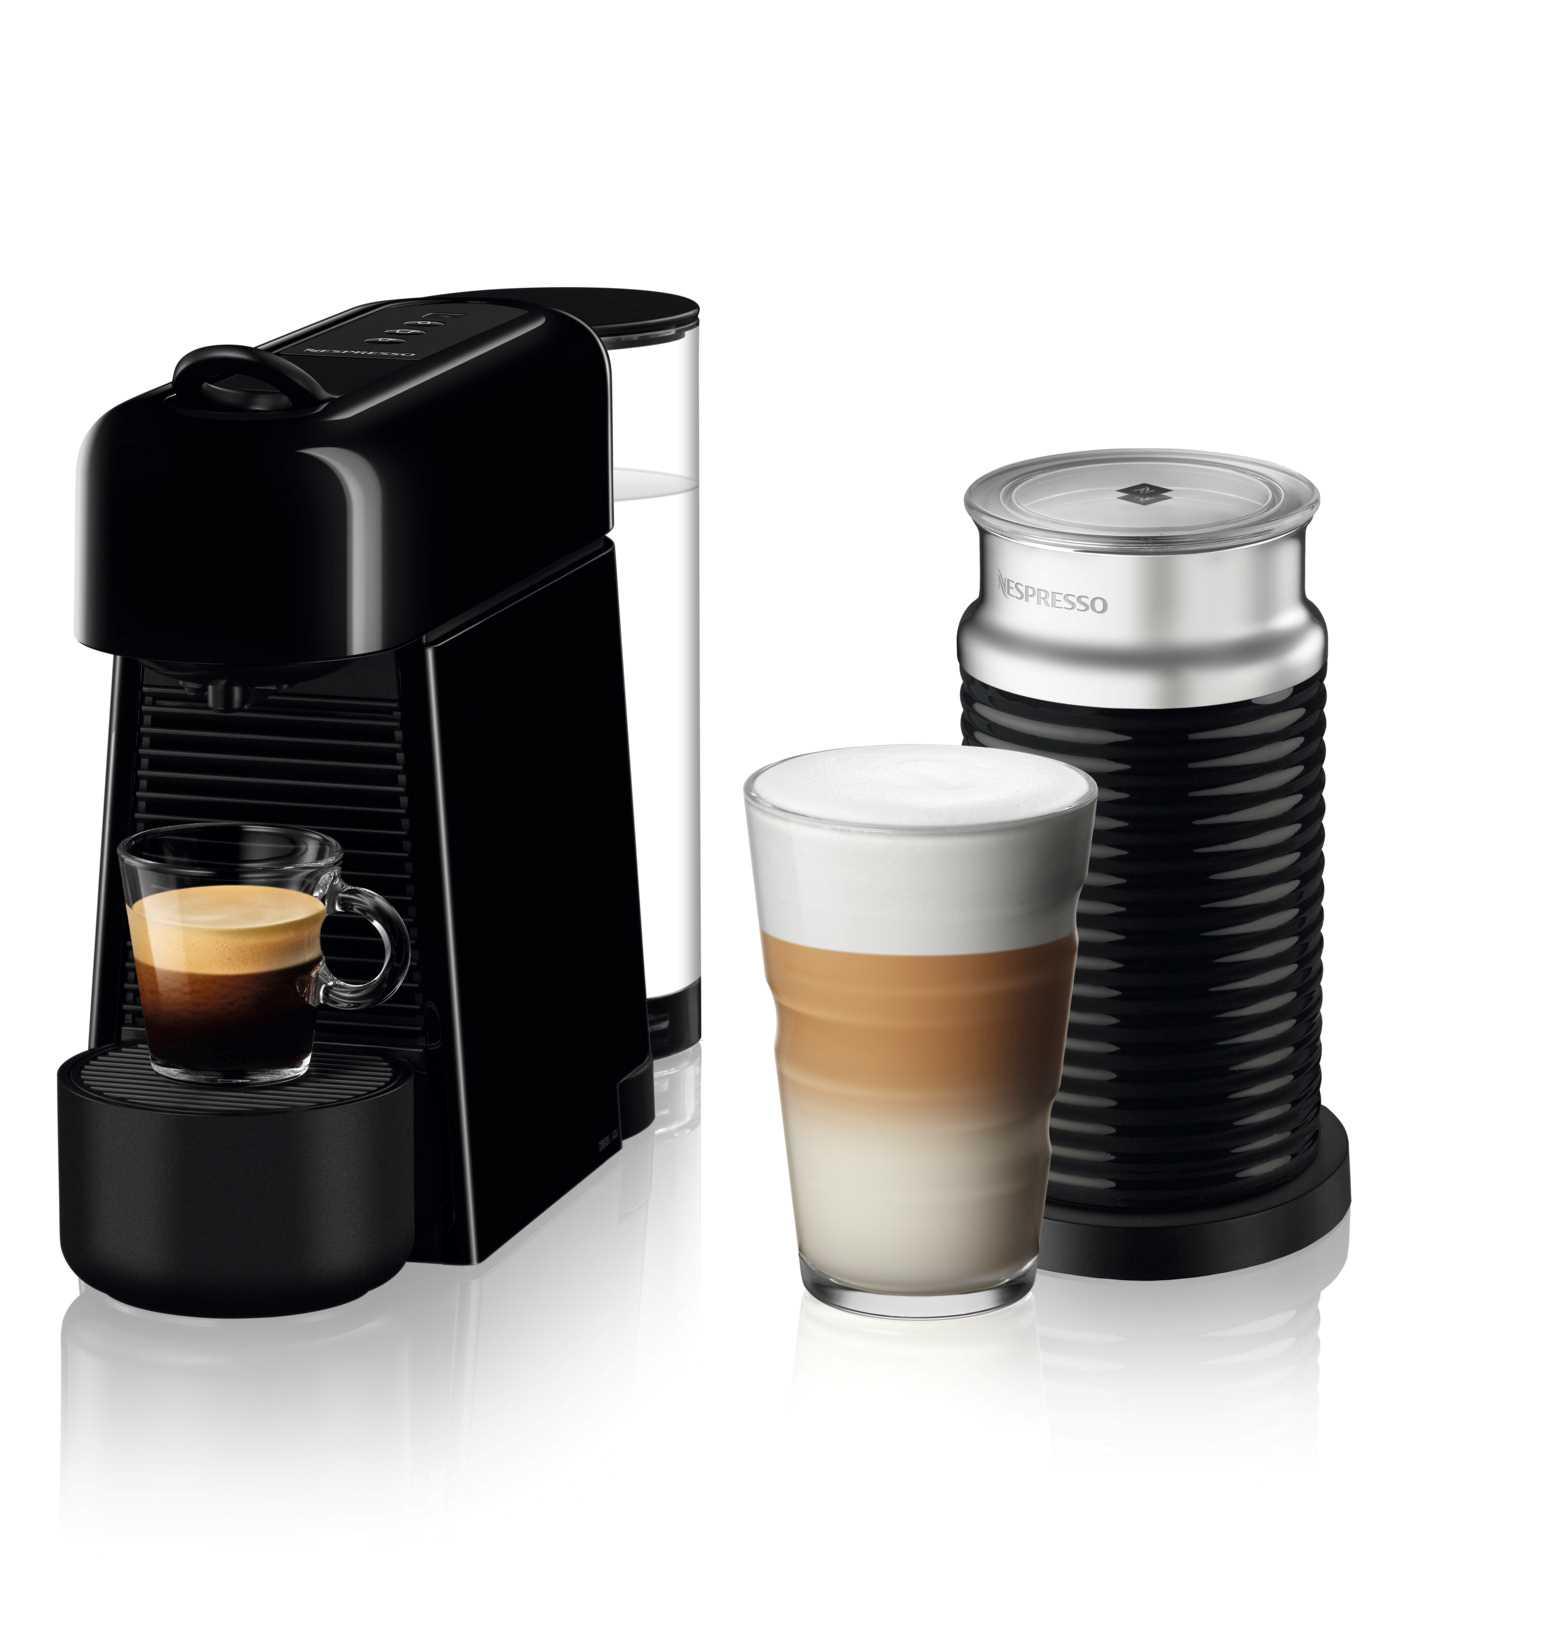 מכונת אספרסו Nespresso Essenza D45 Plus נספרסו כולל מקצף חלב - תמונה 1